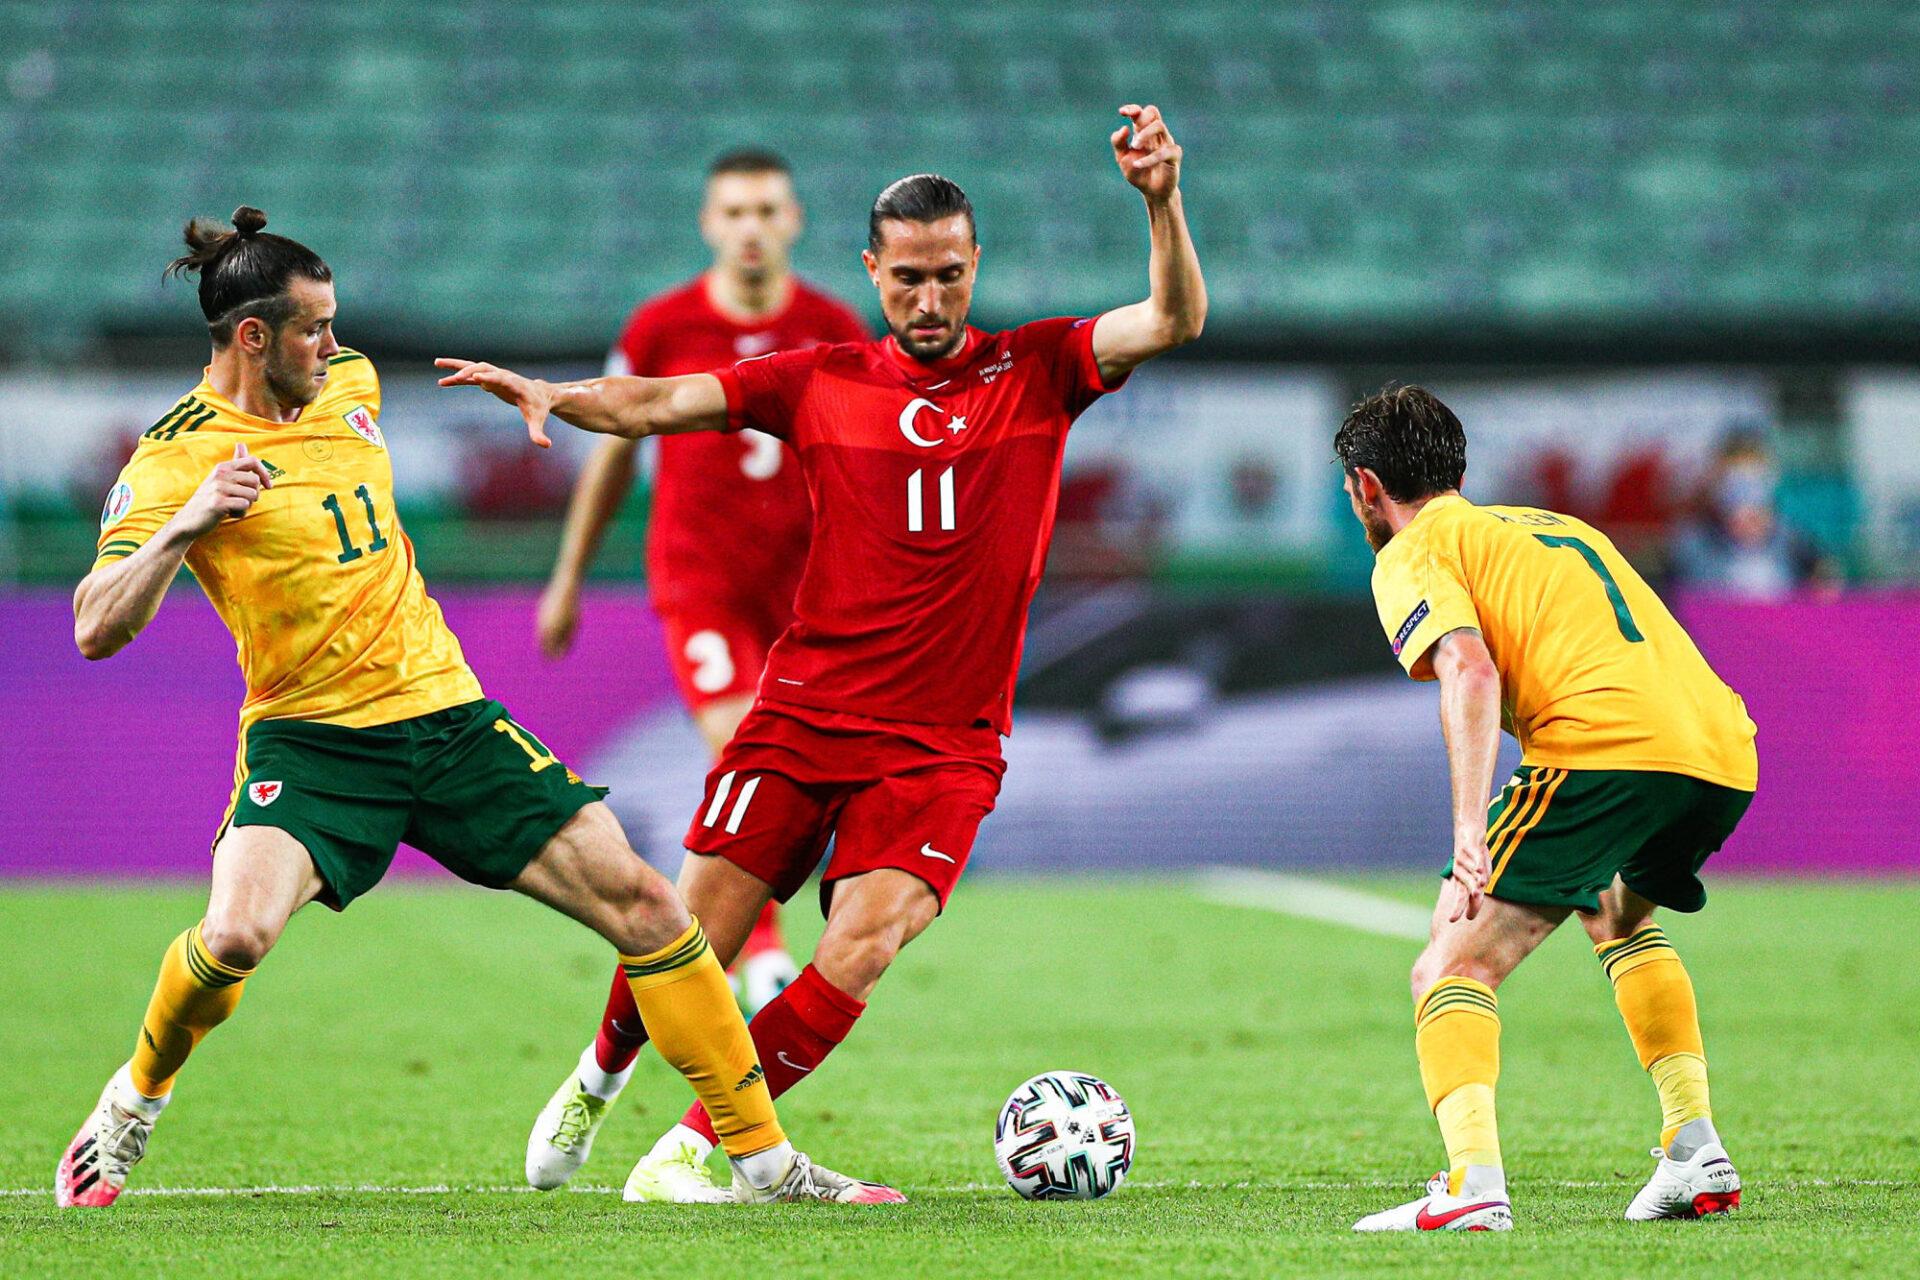 Le match de poule entre le pays de Galles et la Turquie s'est disputé à Bakou, en Azerbaïdjan. Icon Sport